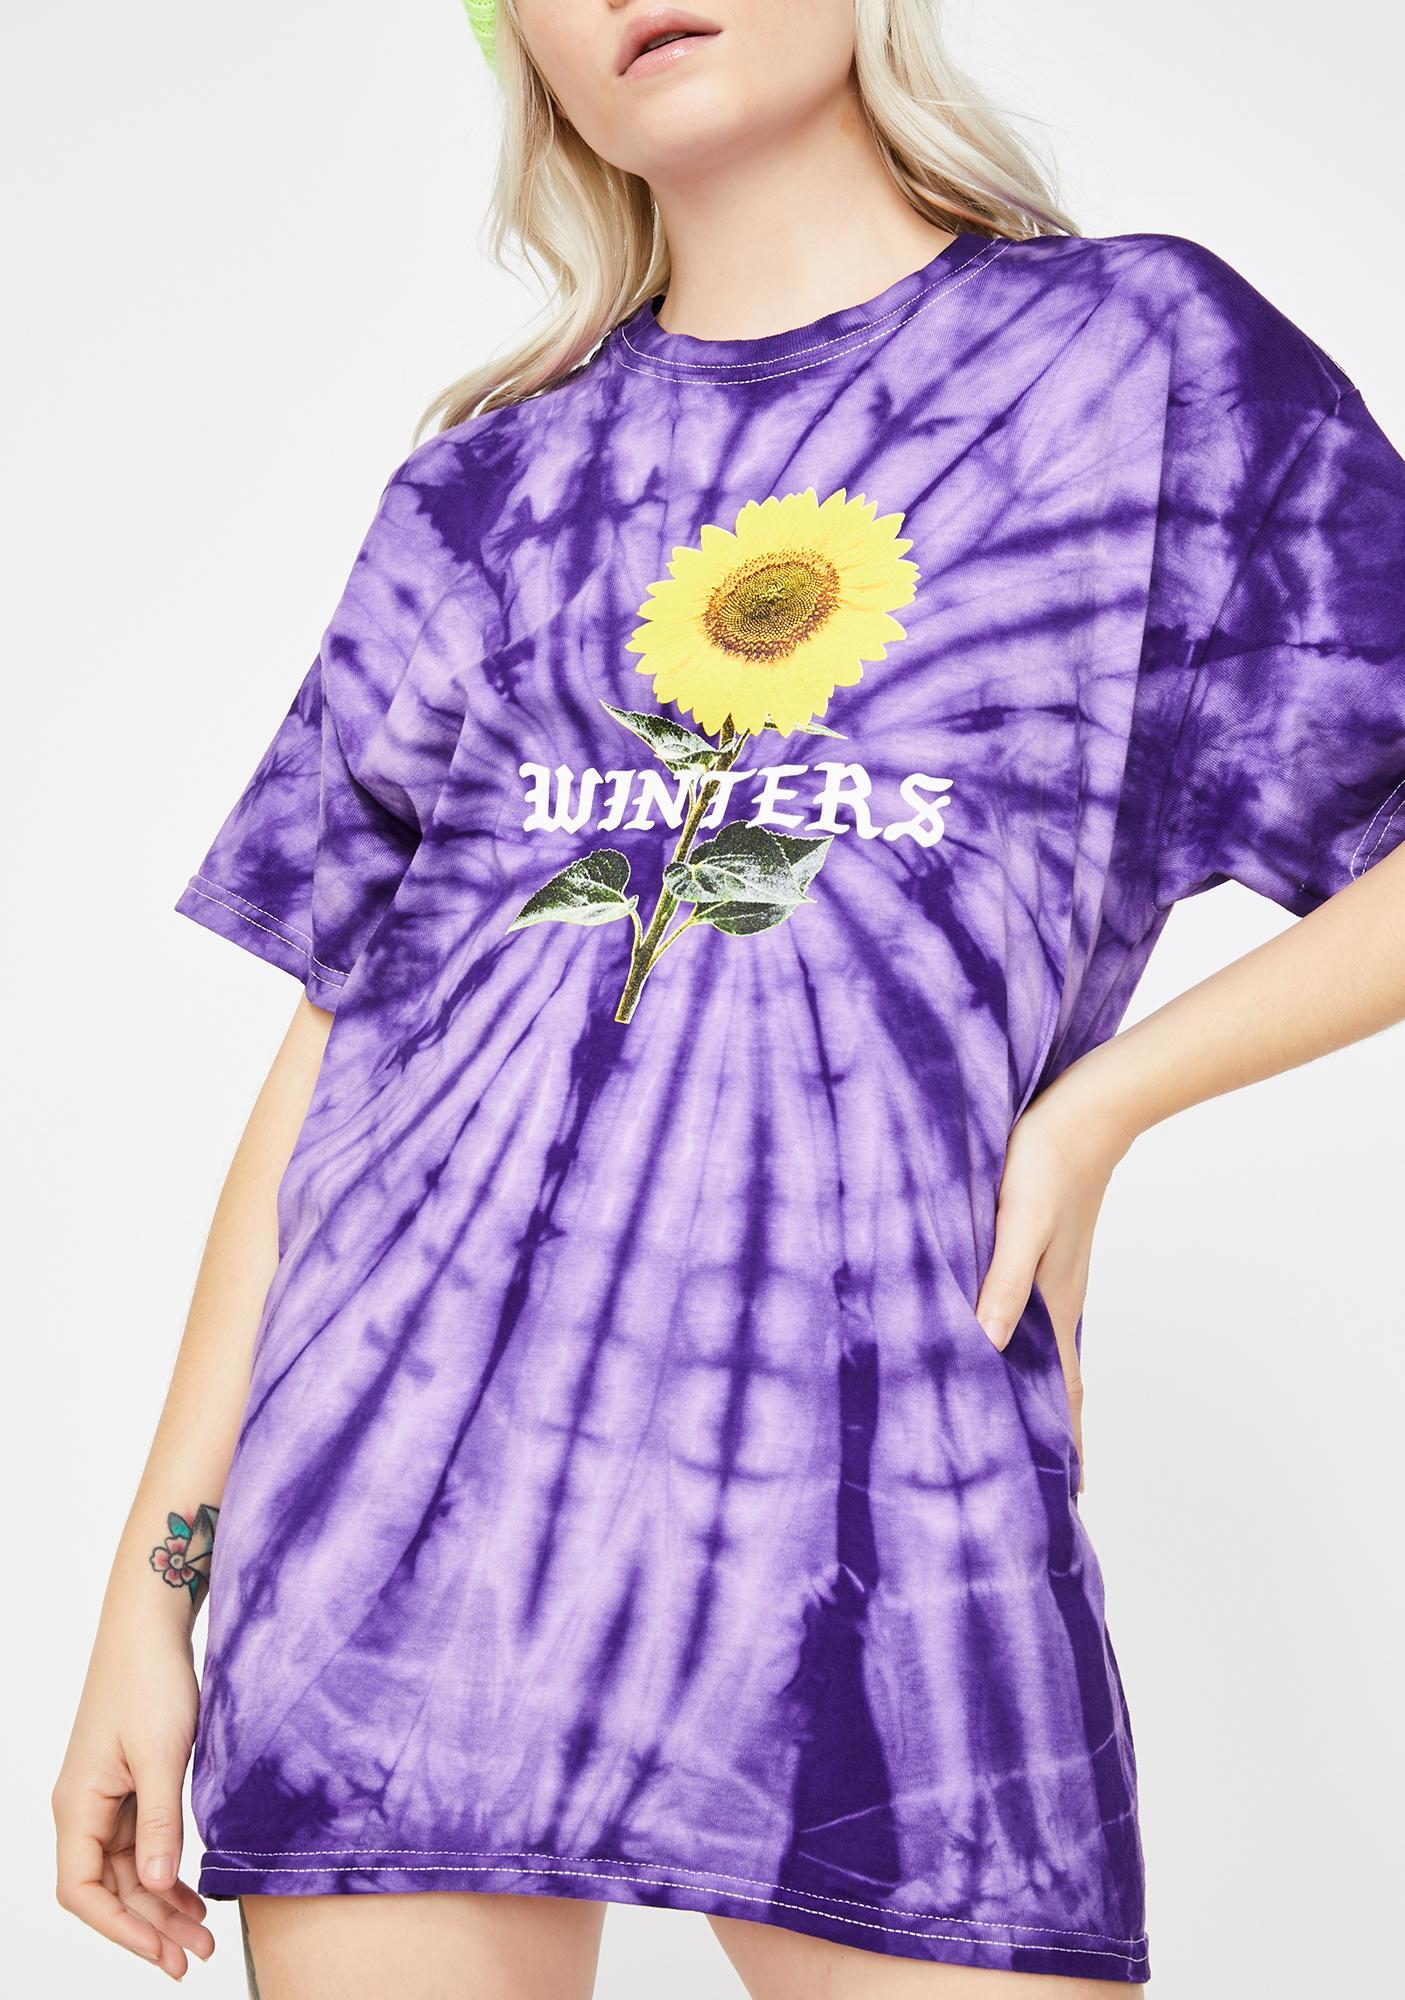 Winters Shine Tie Dye Tee